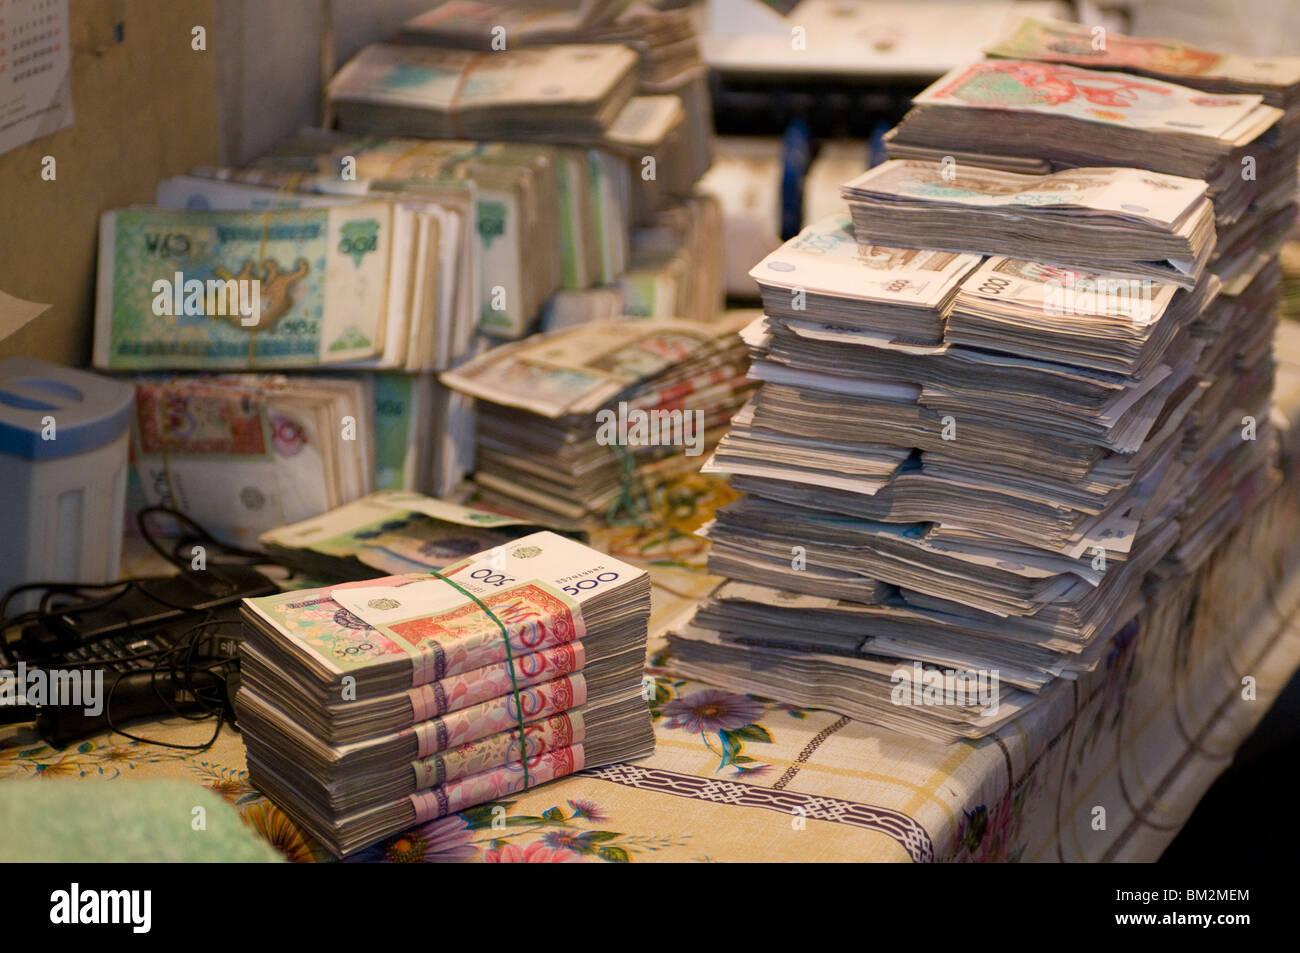 Kyrgysh bills, Osh, Kyrgyzstan - Stock Image